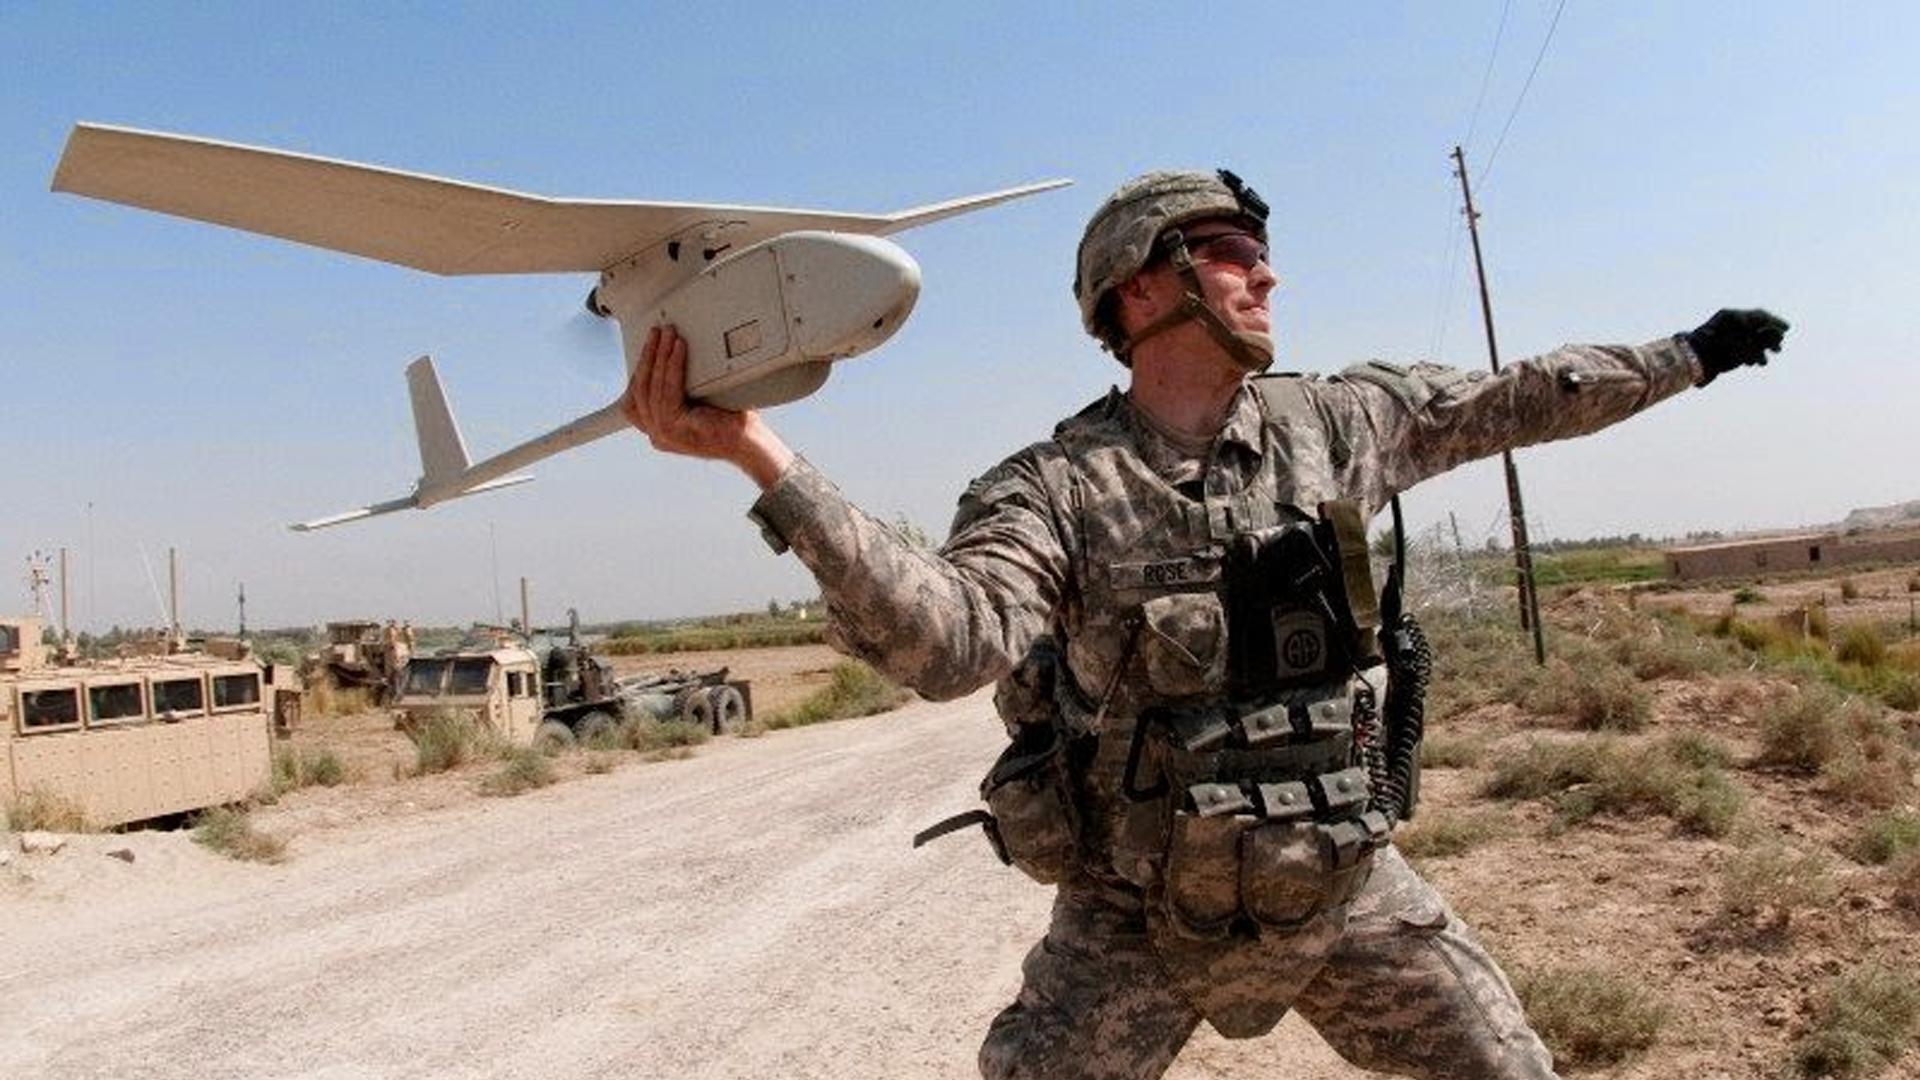 желающий фото дронов разведчиков россии выбрать картину, интересную